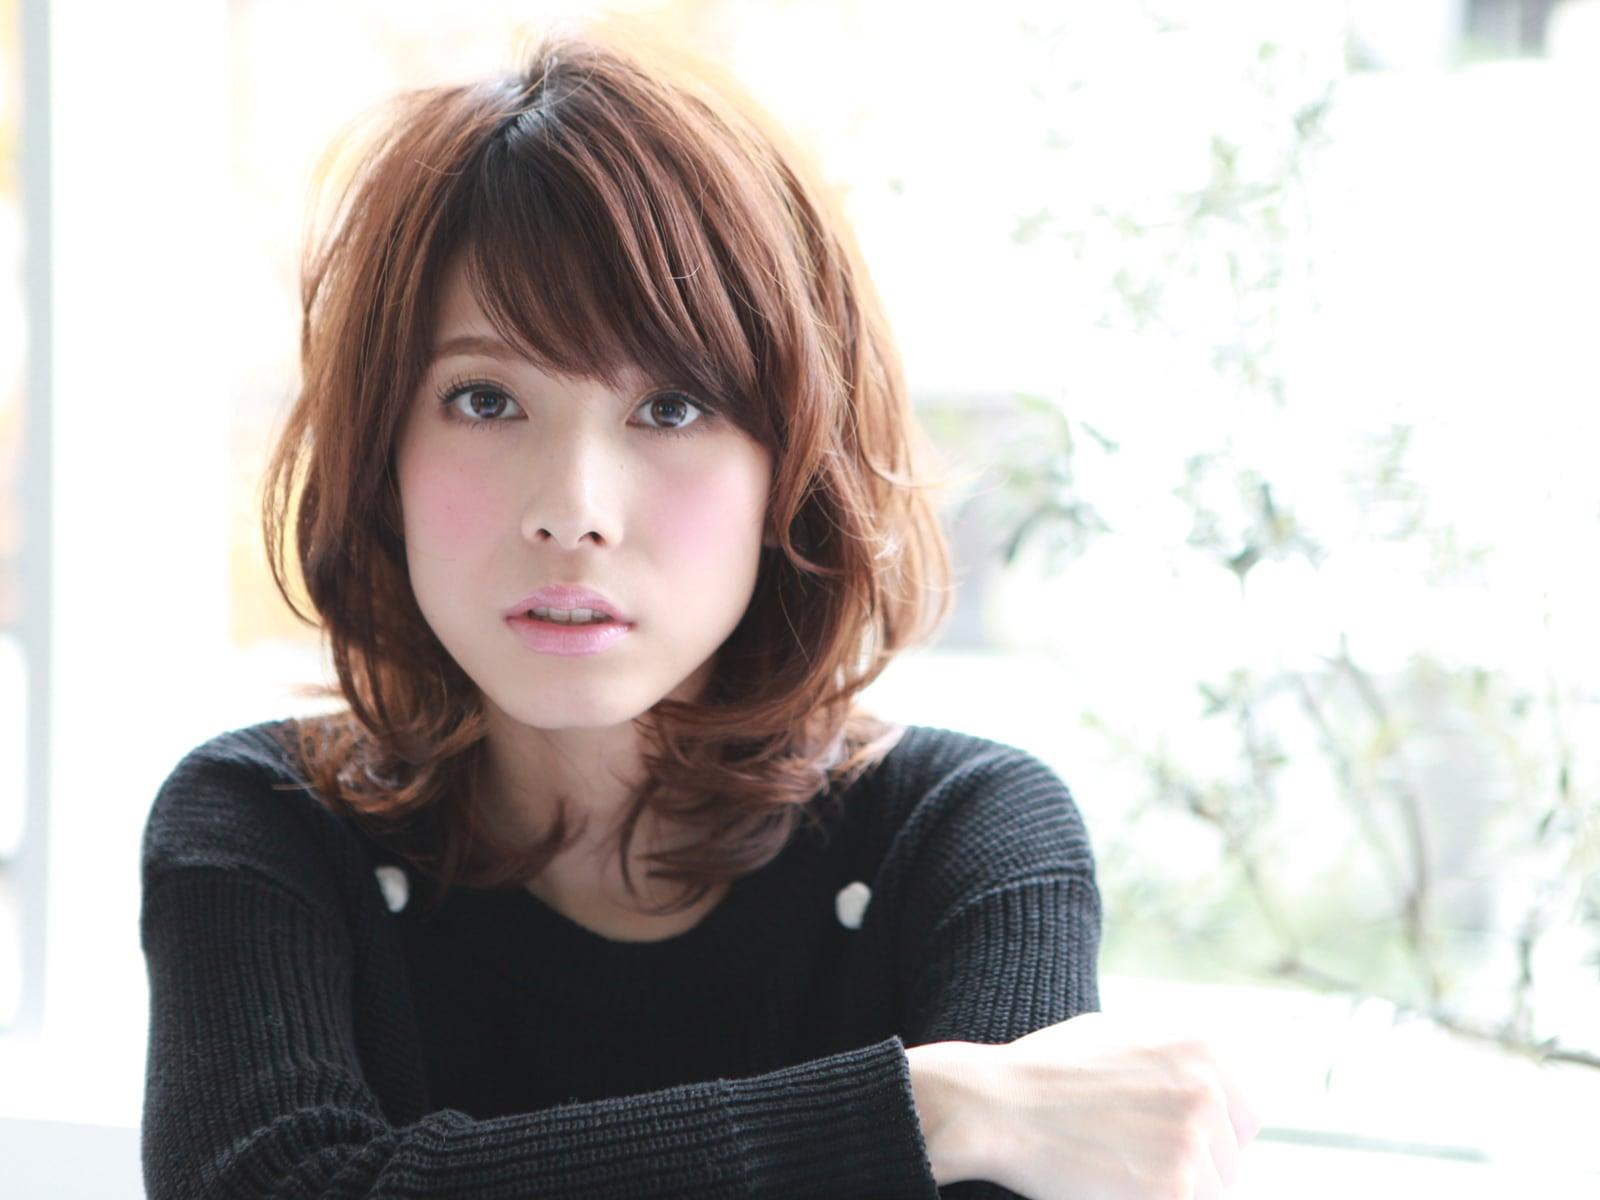 最新のヘアスタイル 髪型 40代 セミロング  40代 髪型 女性 セミロング